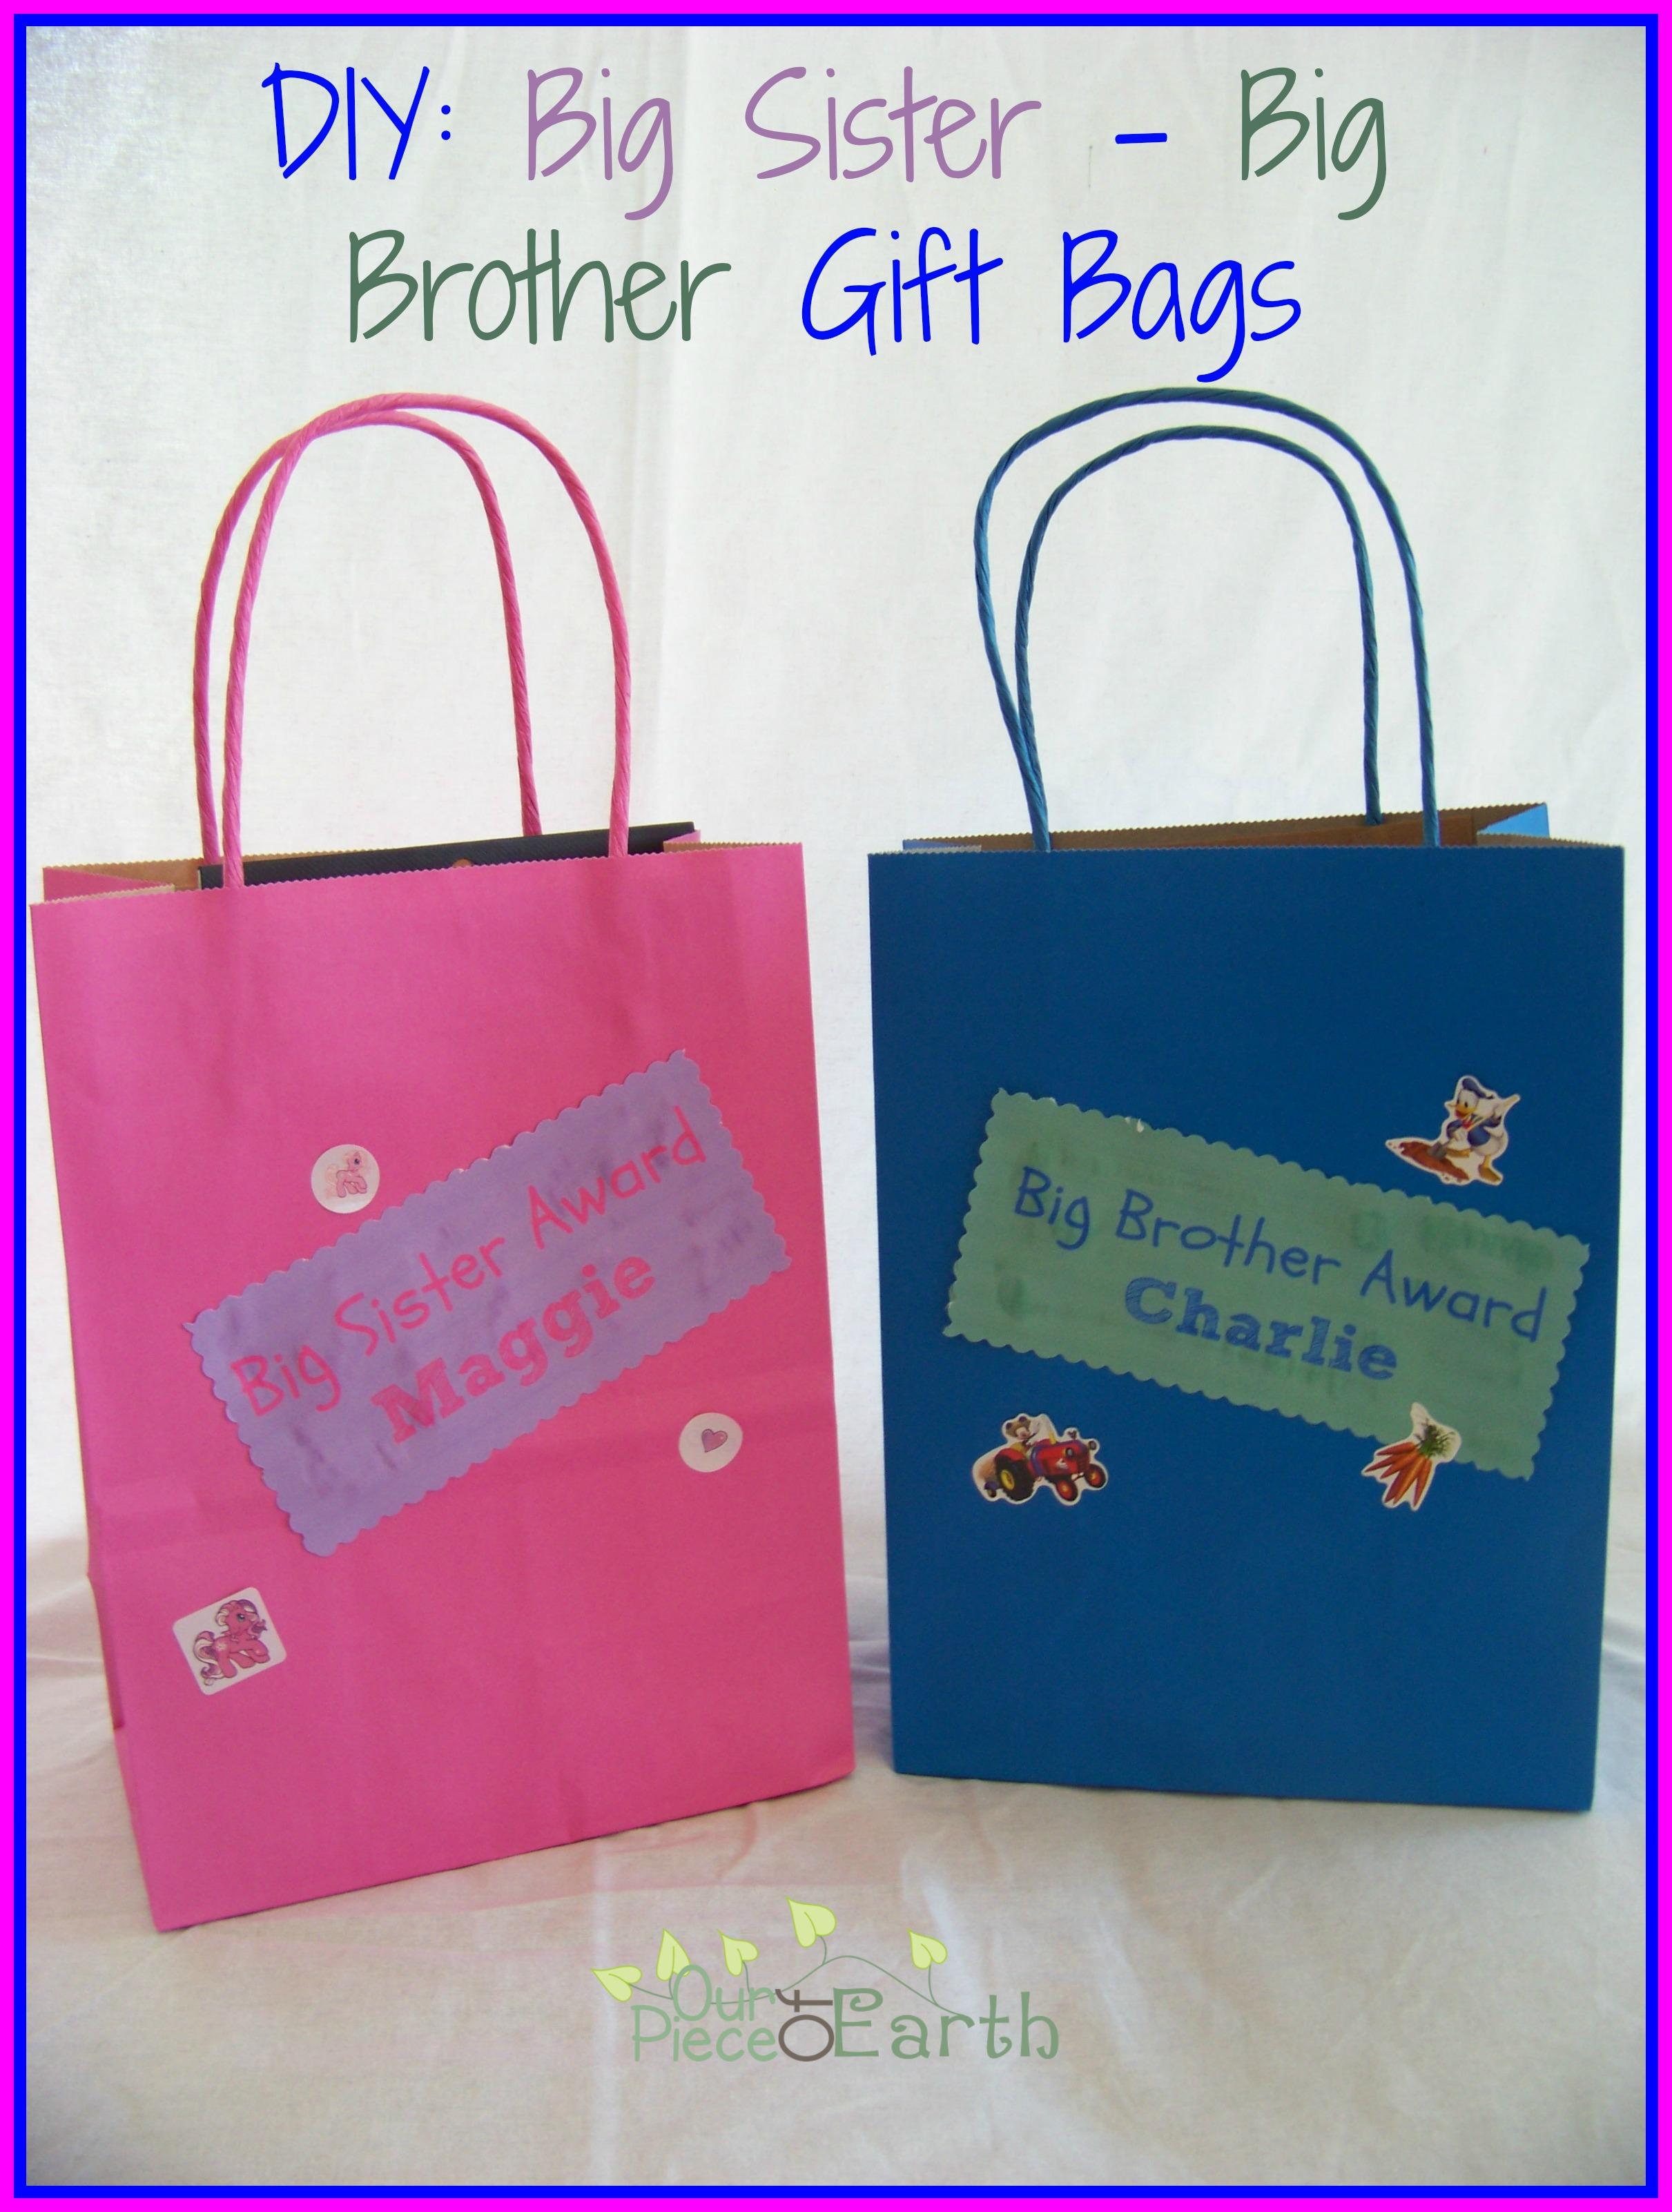 Big Christmas Gift Bags - Christmas Gifts For Dad